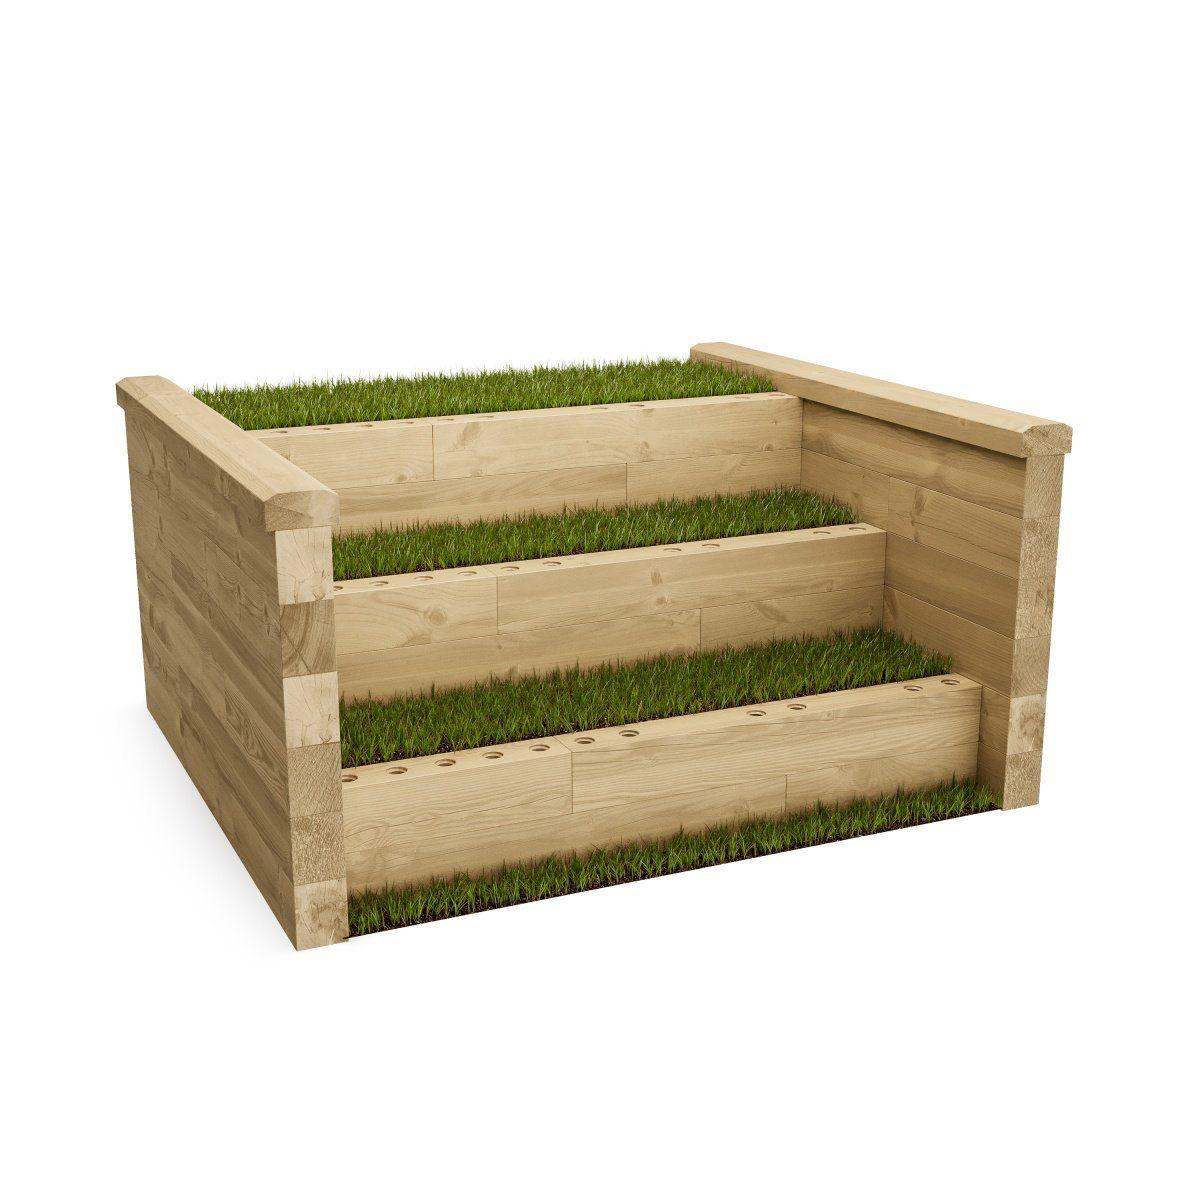 Raised Bed Retaining Wall: Steps / 1.275 X 1.125 X 0.65m